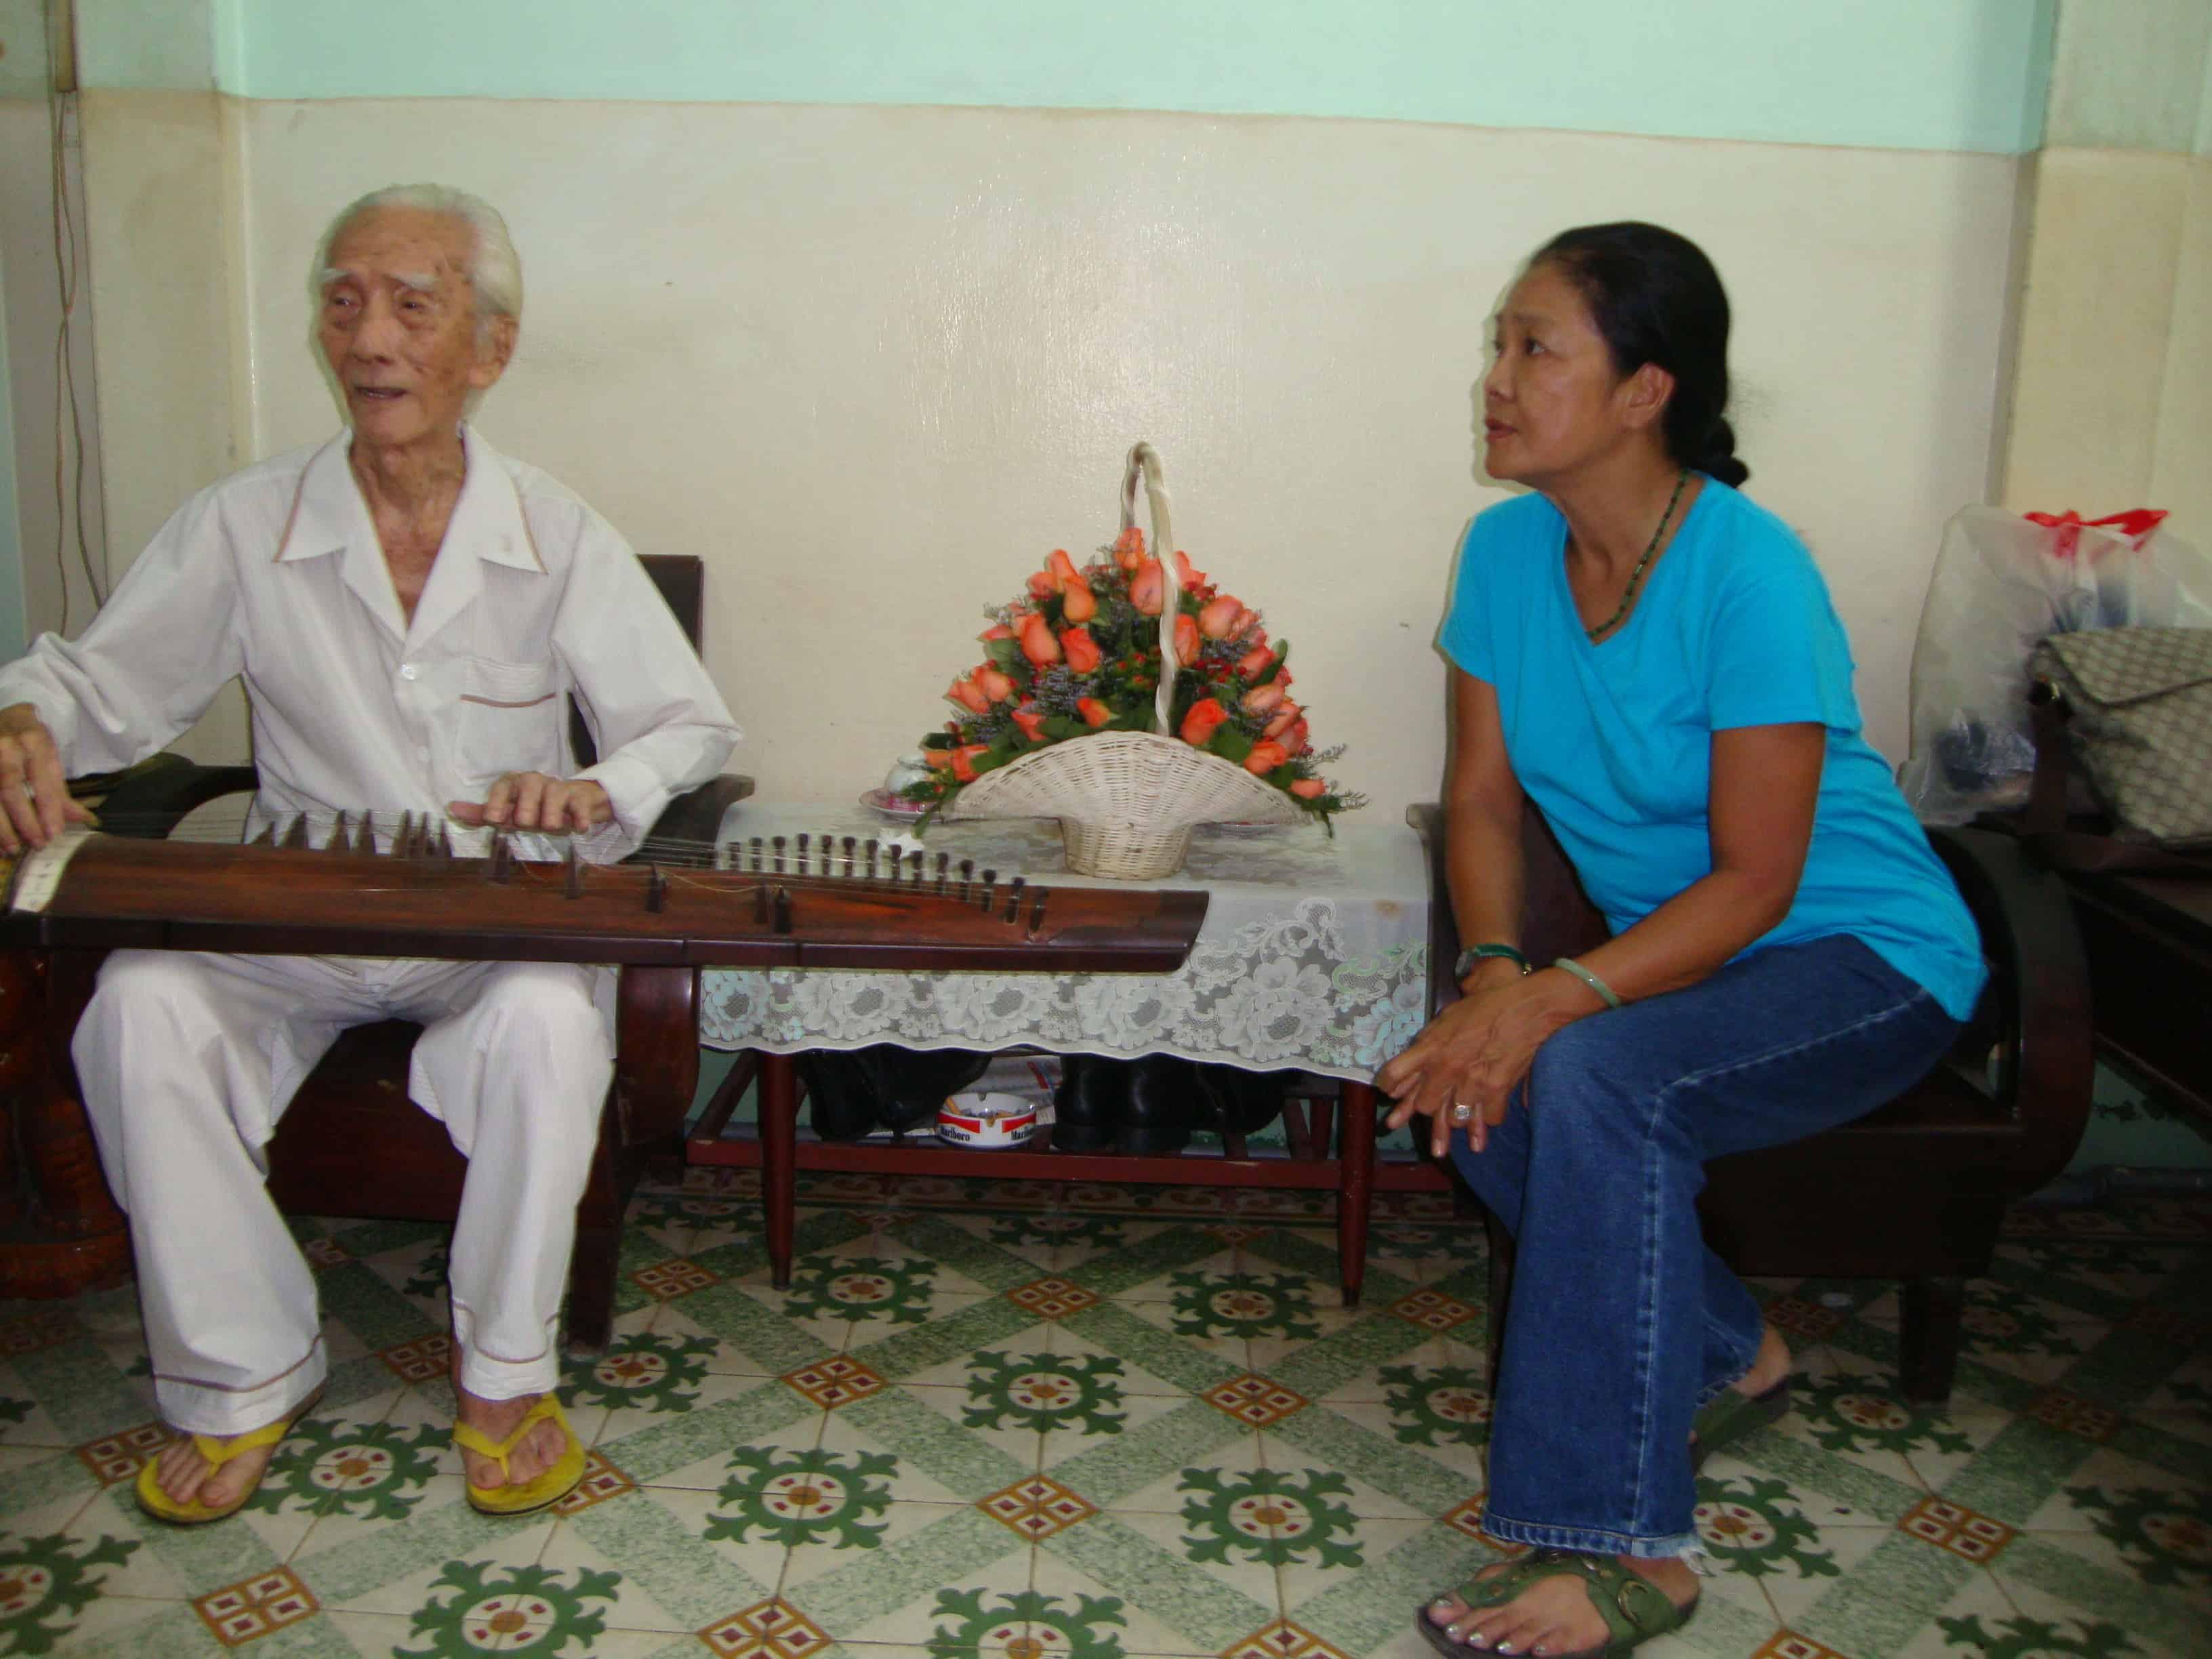 NS Tú Trinh nghe SG Viễn Châu đàn tranh khi bà đến thăm ông ngày 19-5-2012